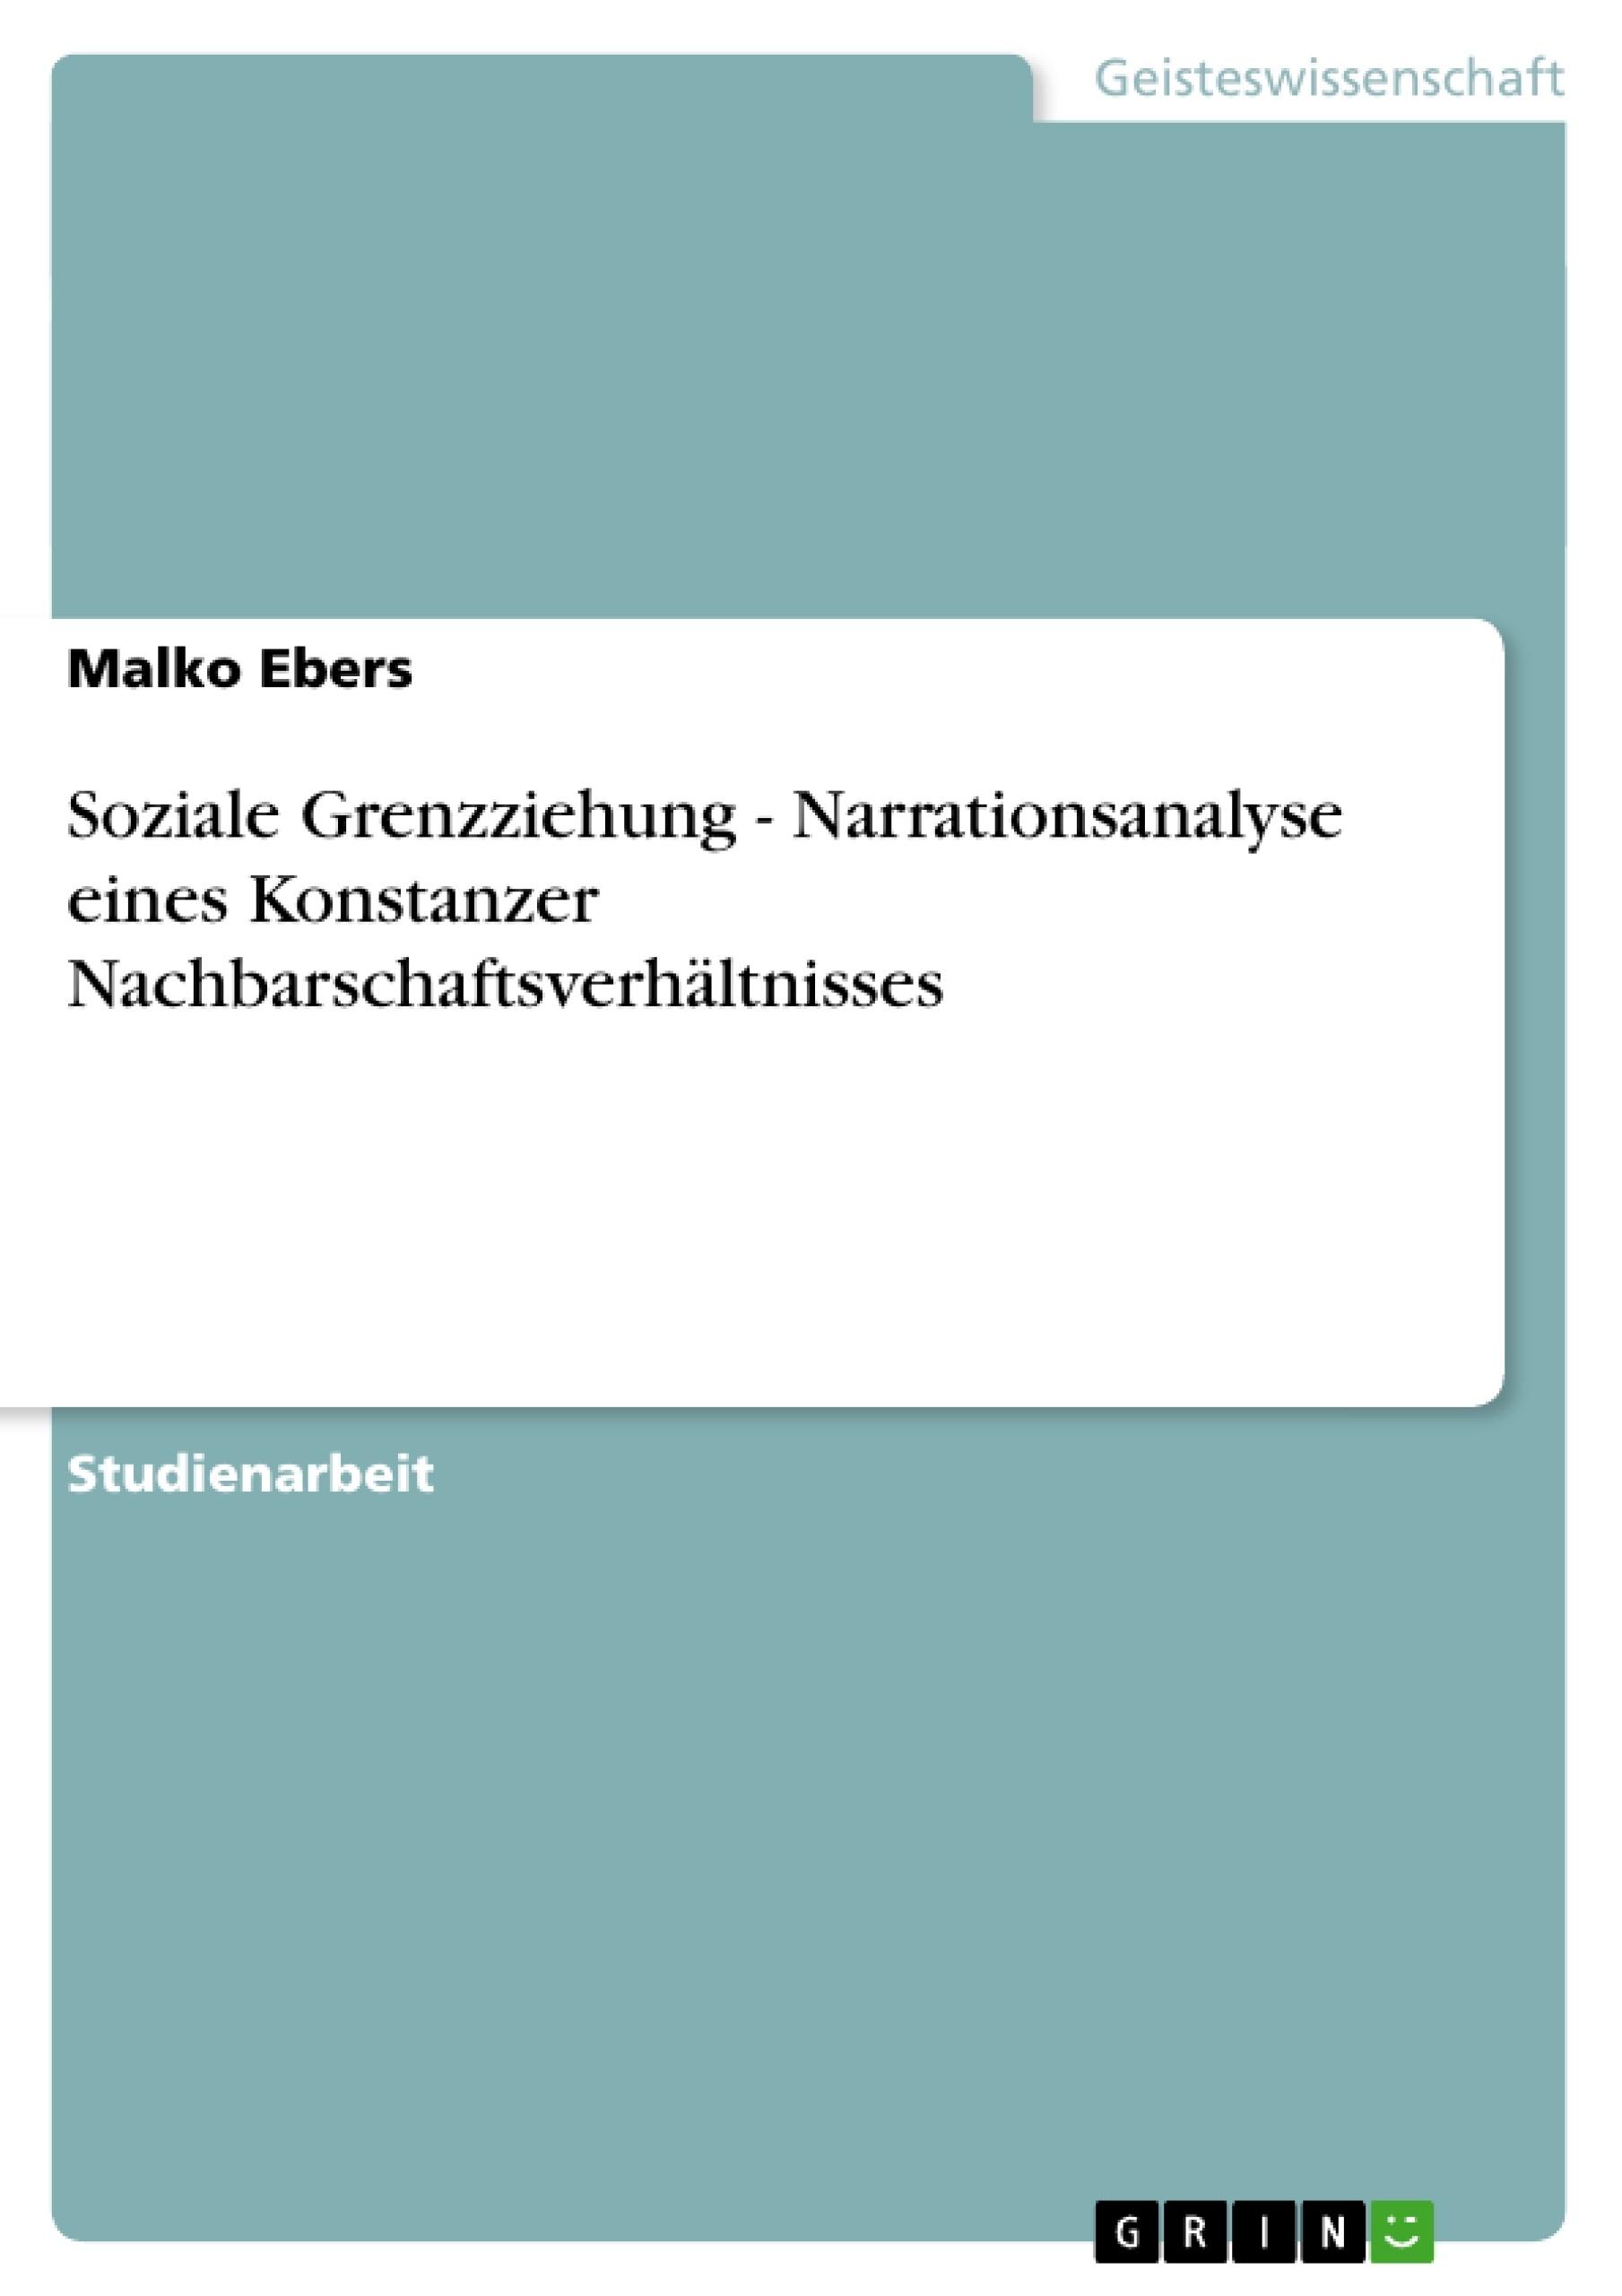 Titel: Soziale Grenzziehung - Narrationsanalyse eines Konstanzer Nachbarschaftsverhältnisses